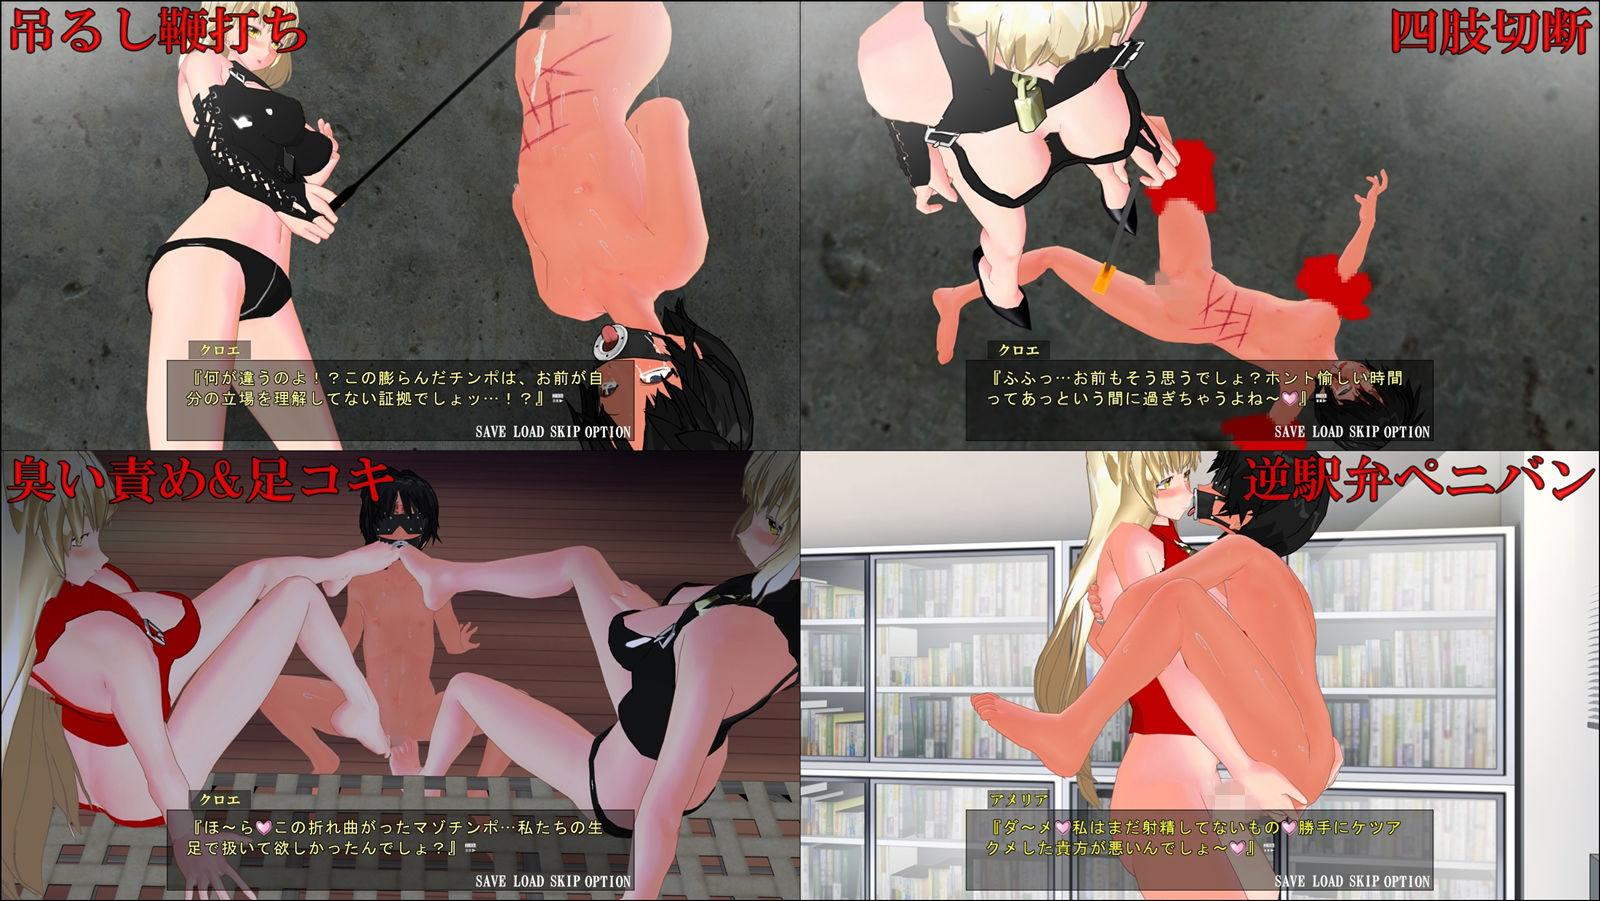 M男の倒錯〜長身女性に搾精される世界〜のサンプル画像3